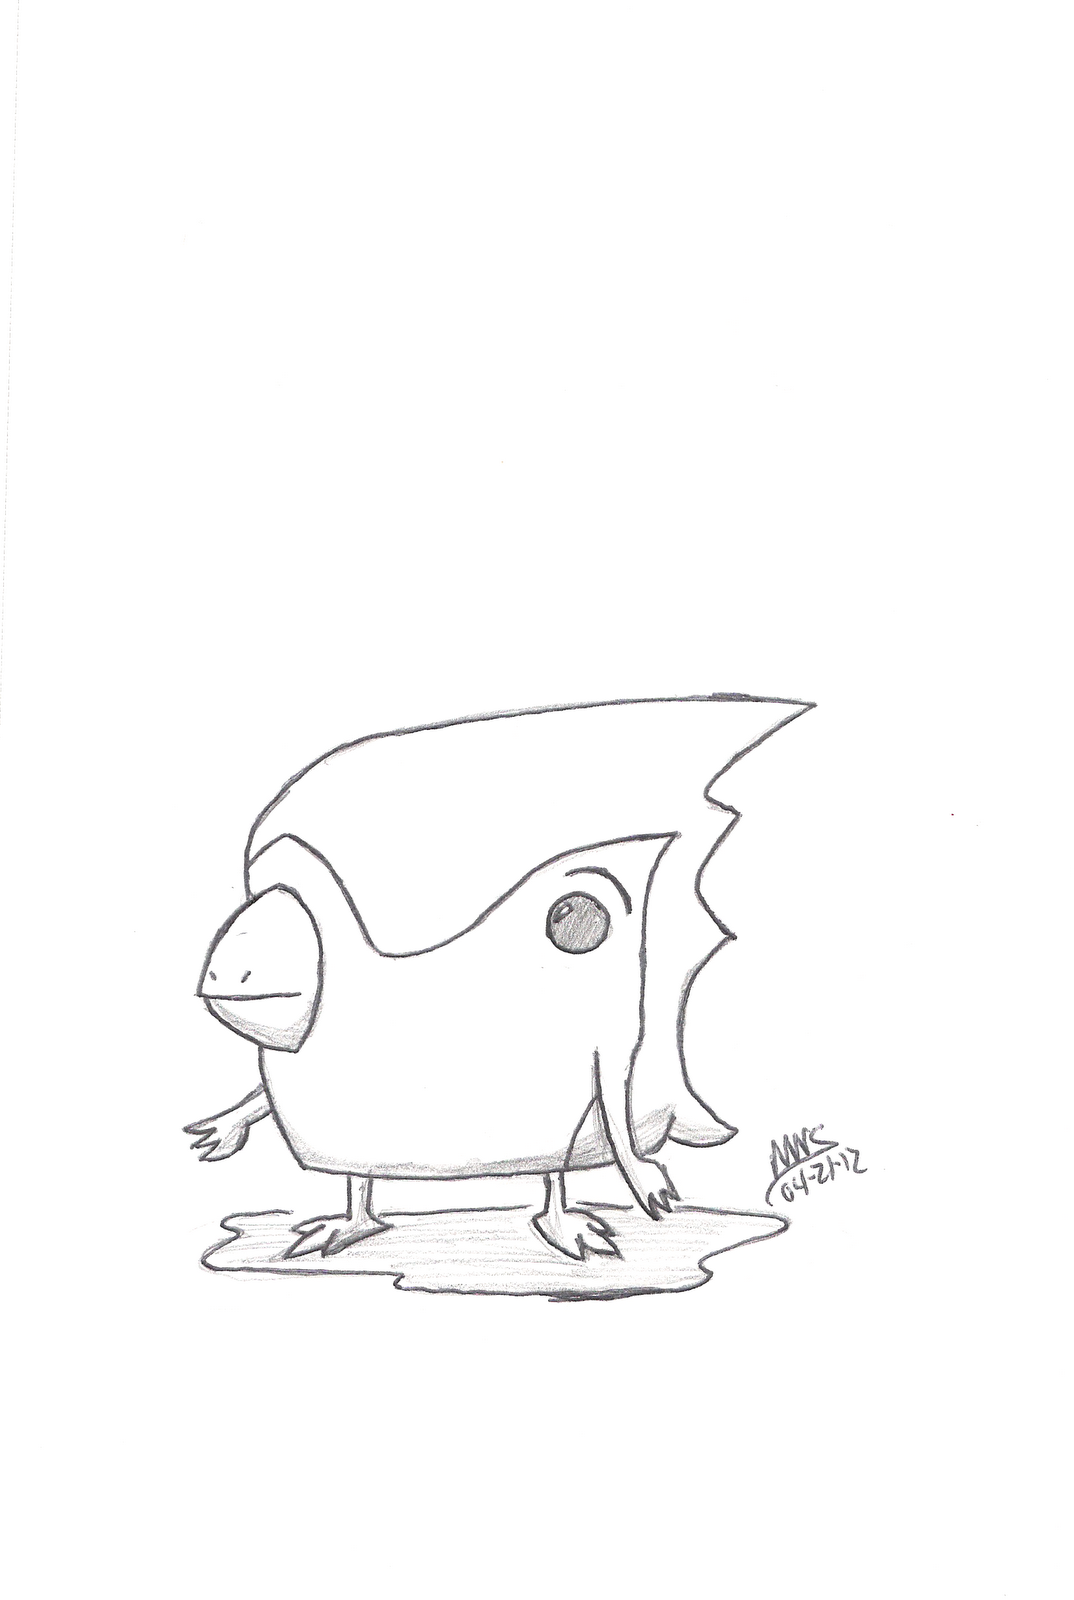 az cardinals coloring pages - photo #10